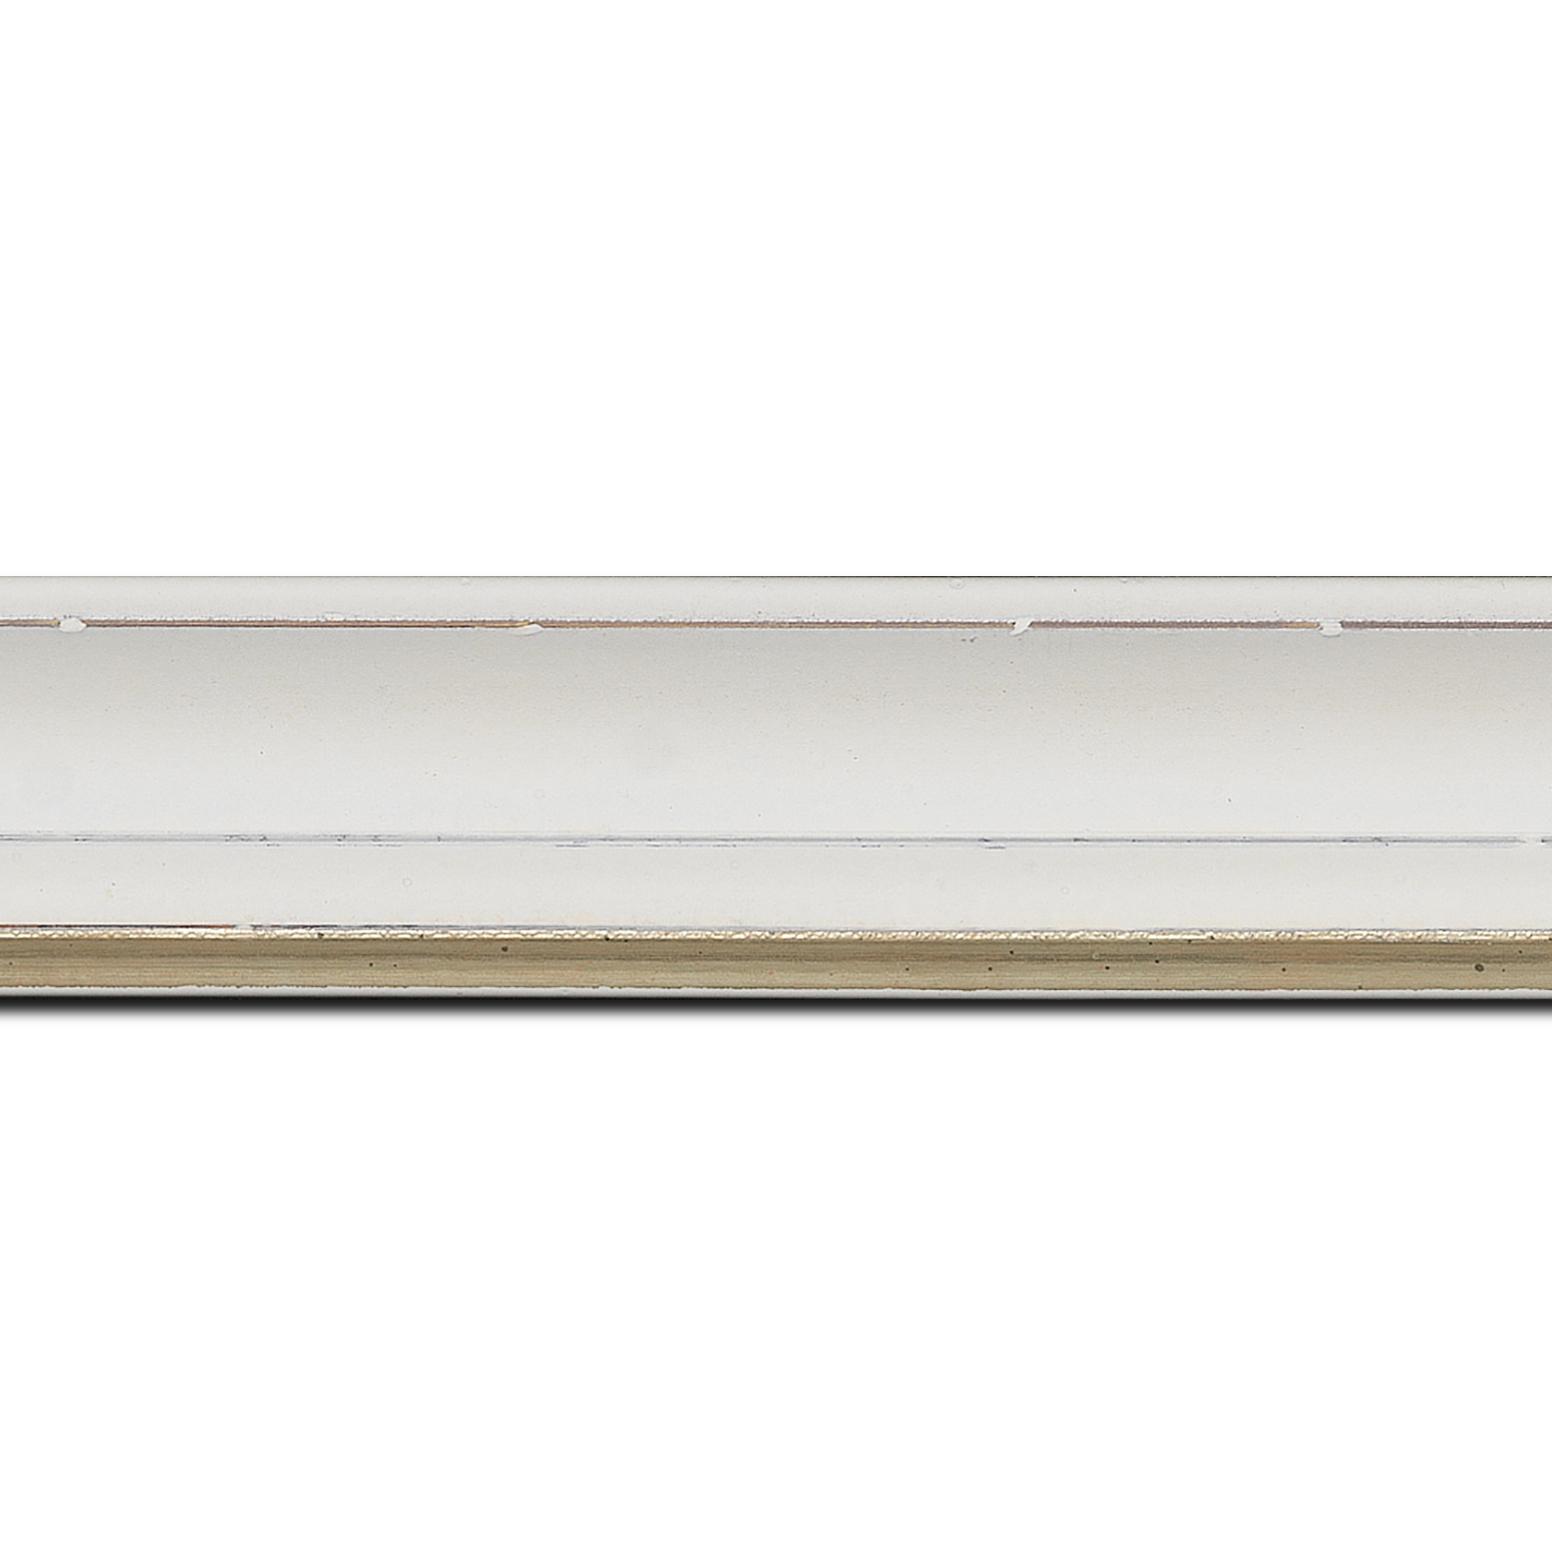 Baguette longueur 1.40m bois profil incurvé largeur 4.2cm couleur ivoire filet or fondu finition nature